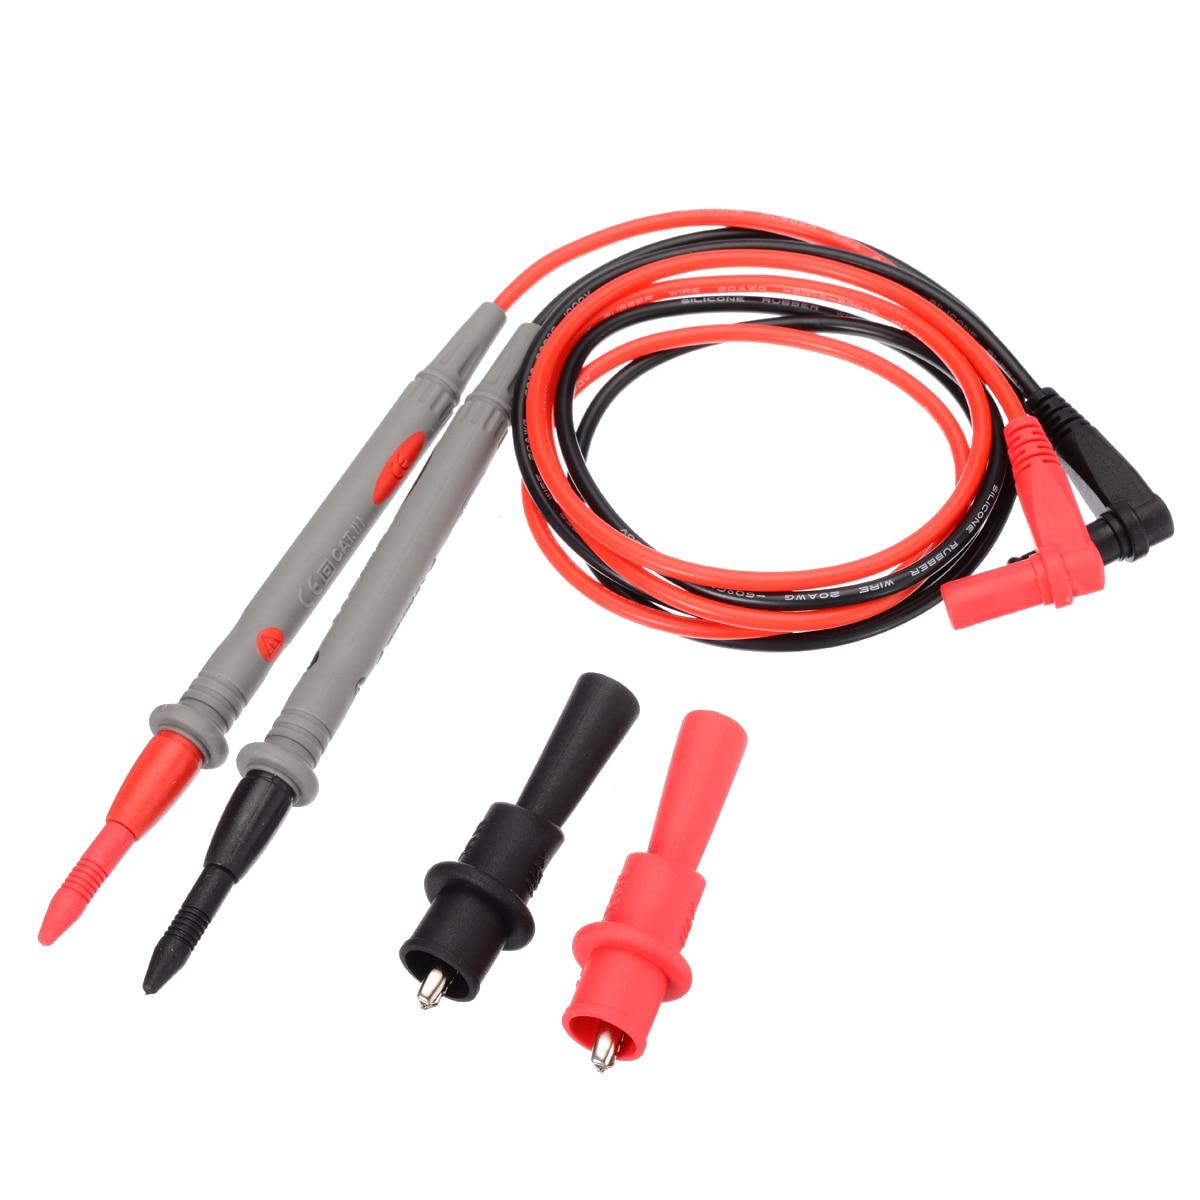 Durable 20A 1000V Kit de cables de prueba de aguja afilada dorada multímetro Cable de prueba con pinza de cocodrilo para probador de multímetro Digital